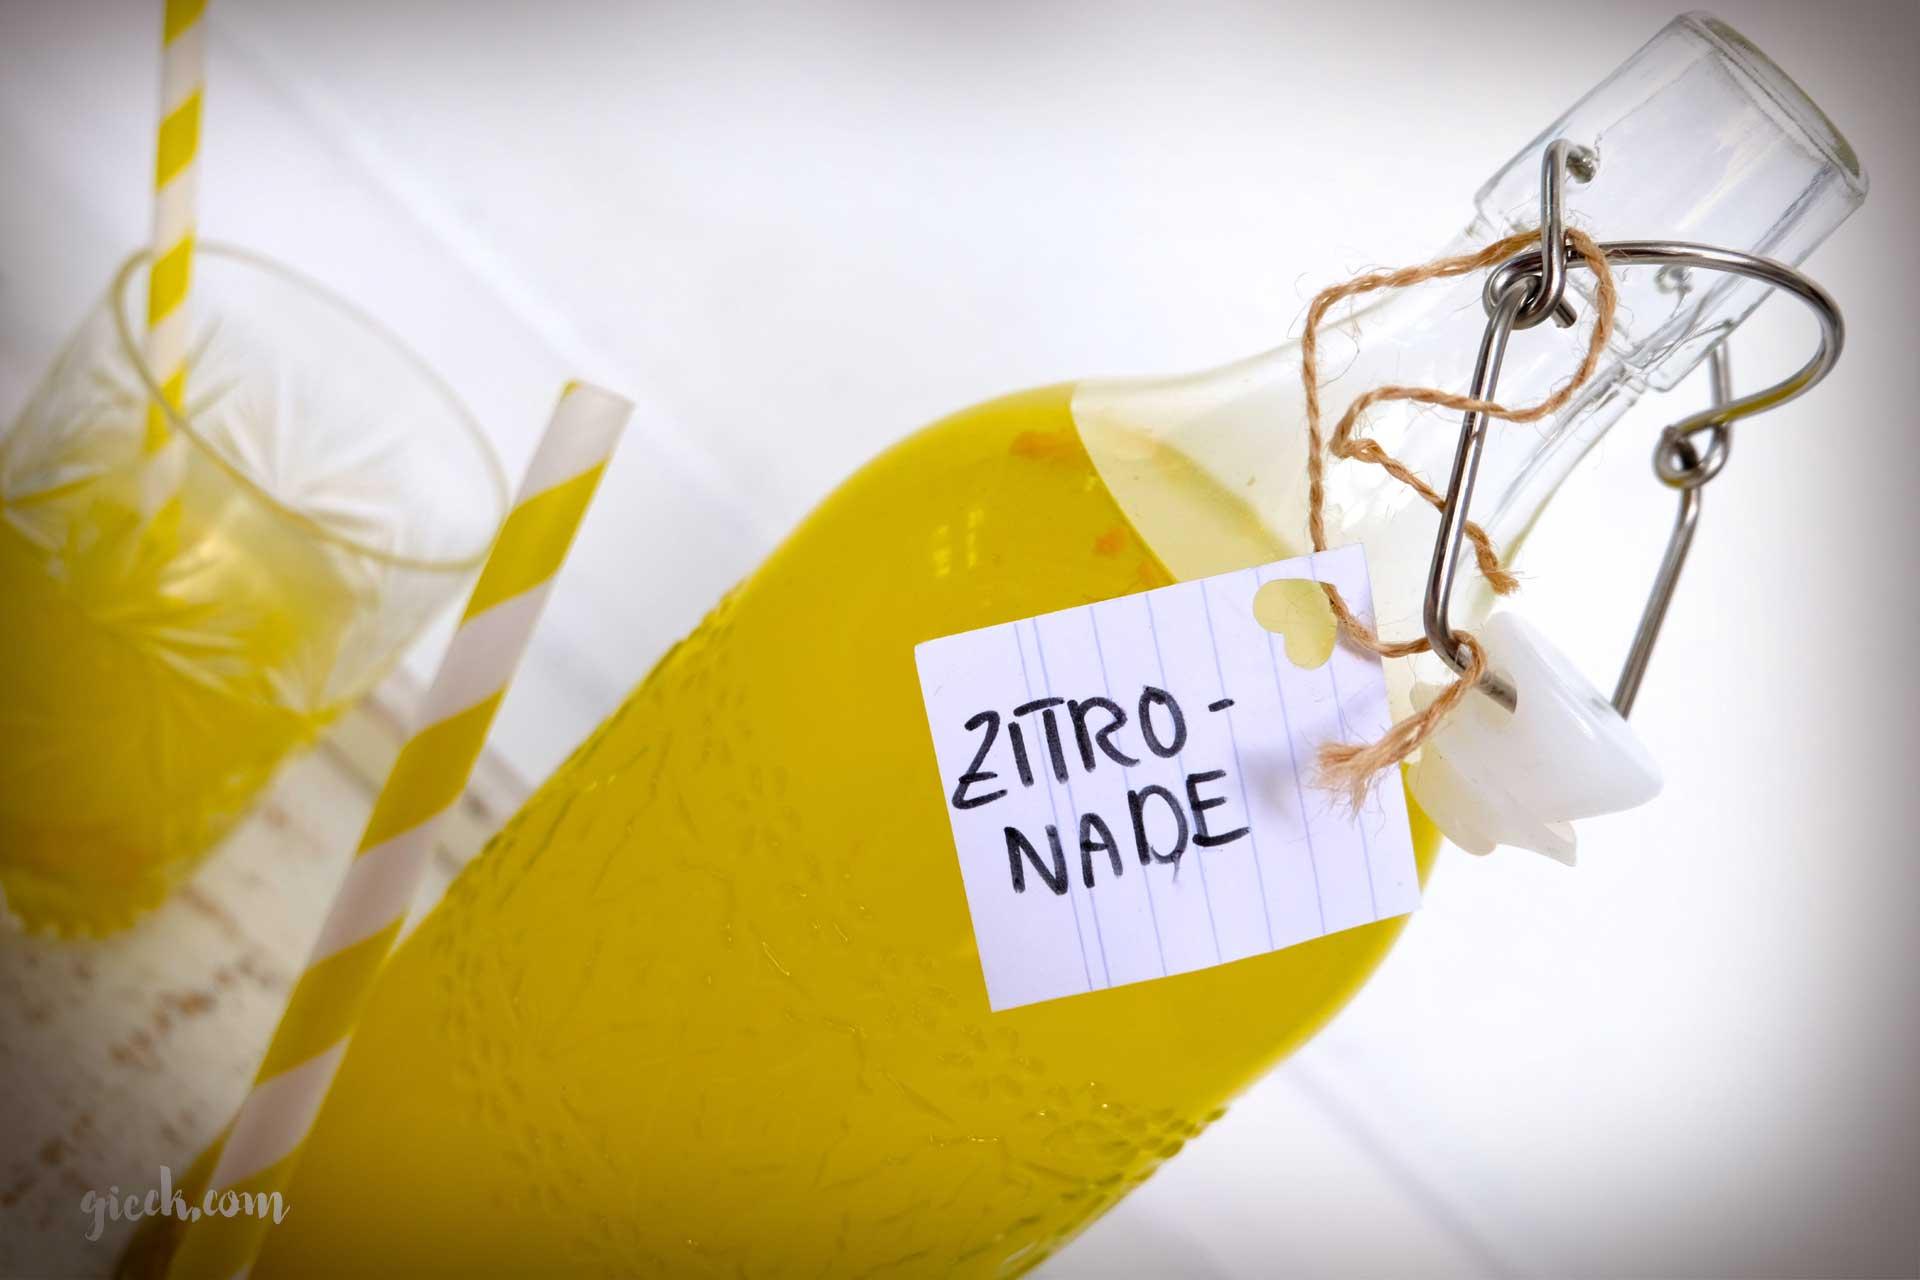 zitronade: unser lifesaver für den sommer